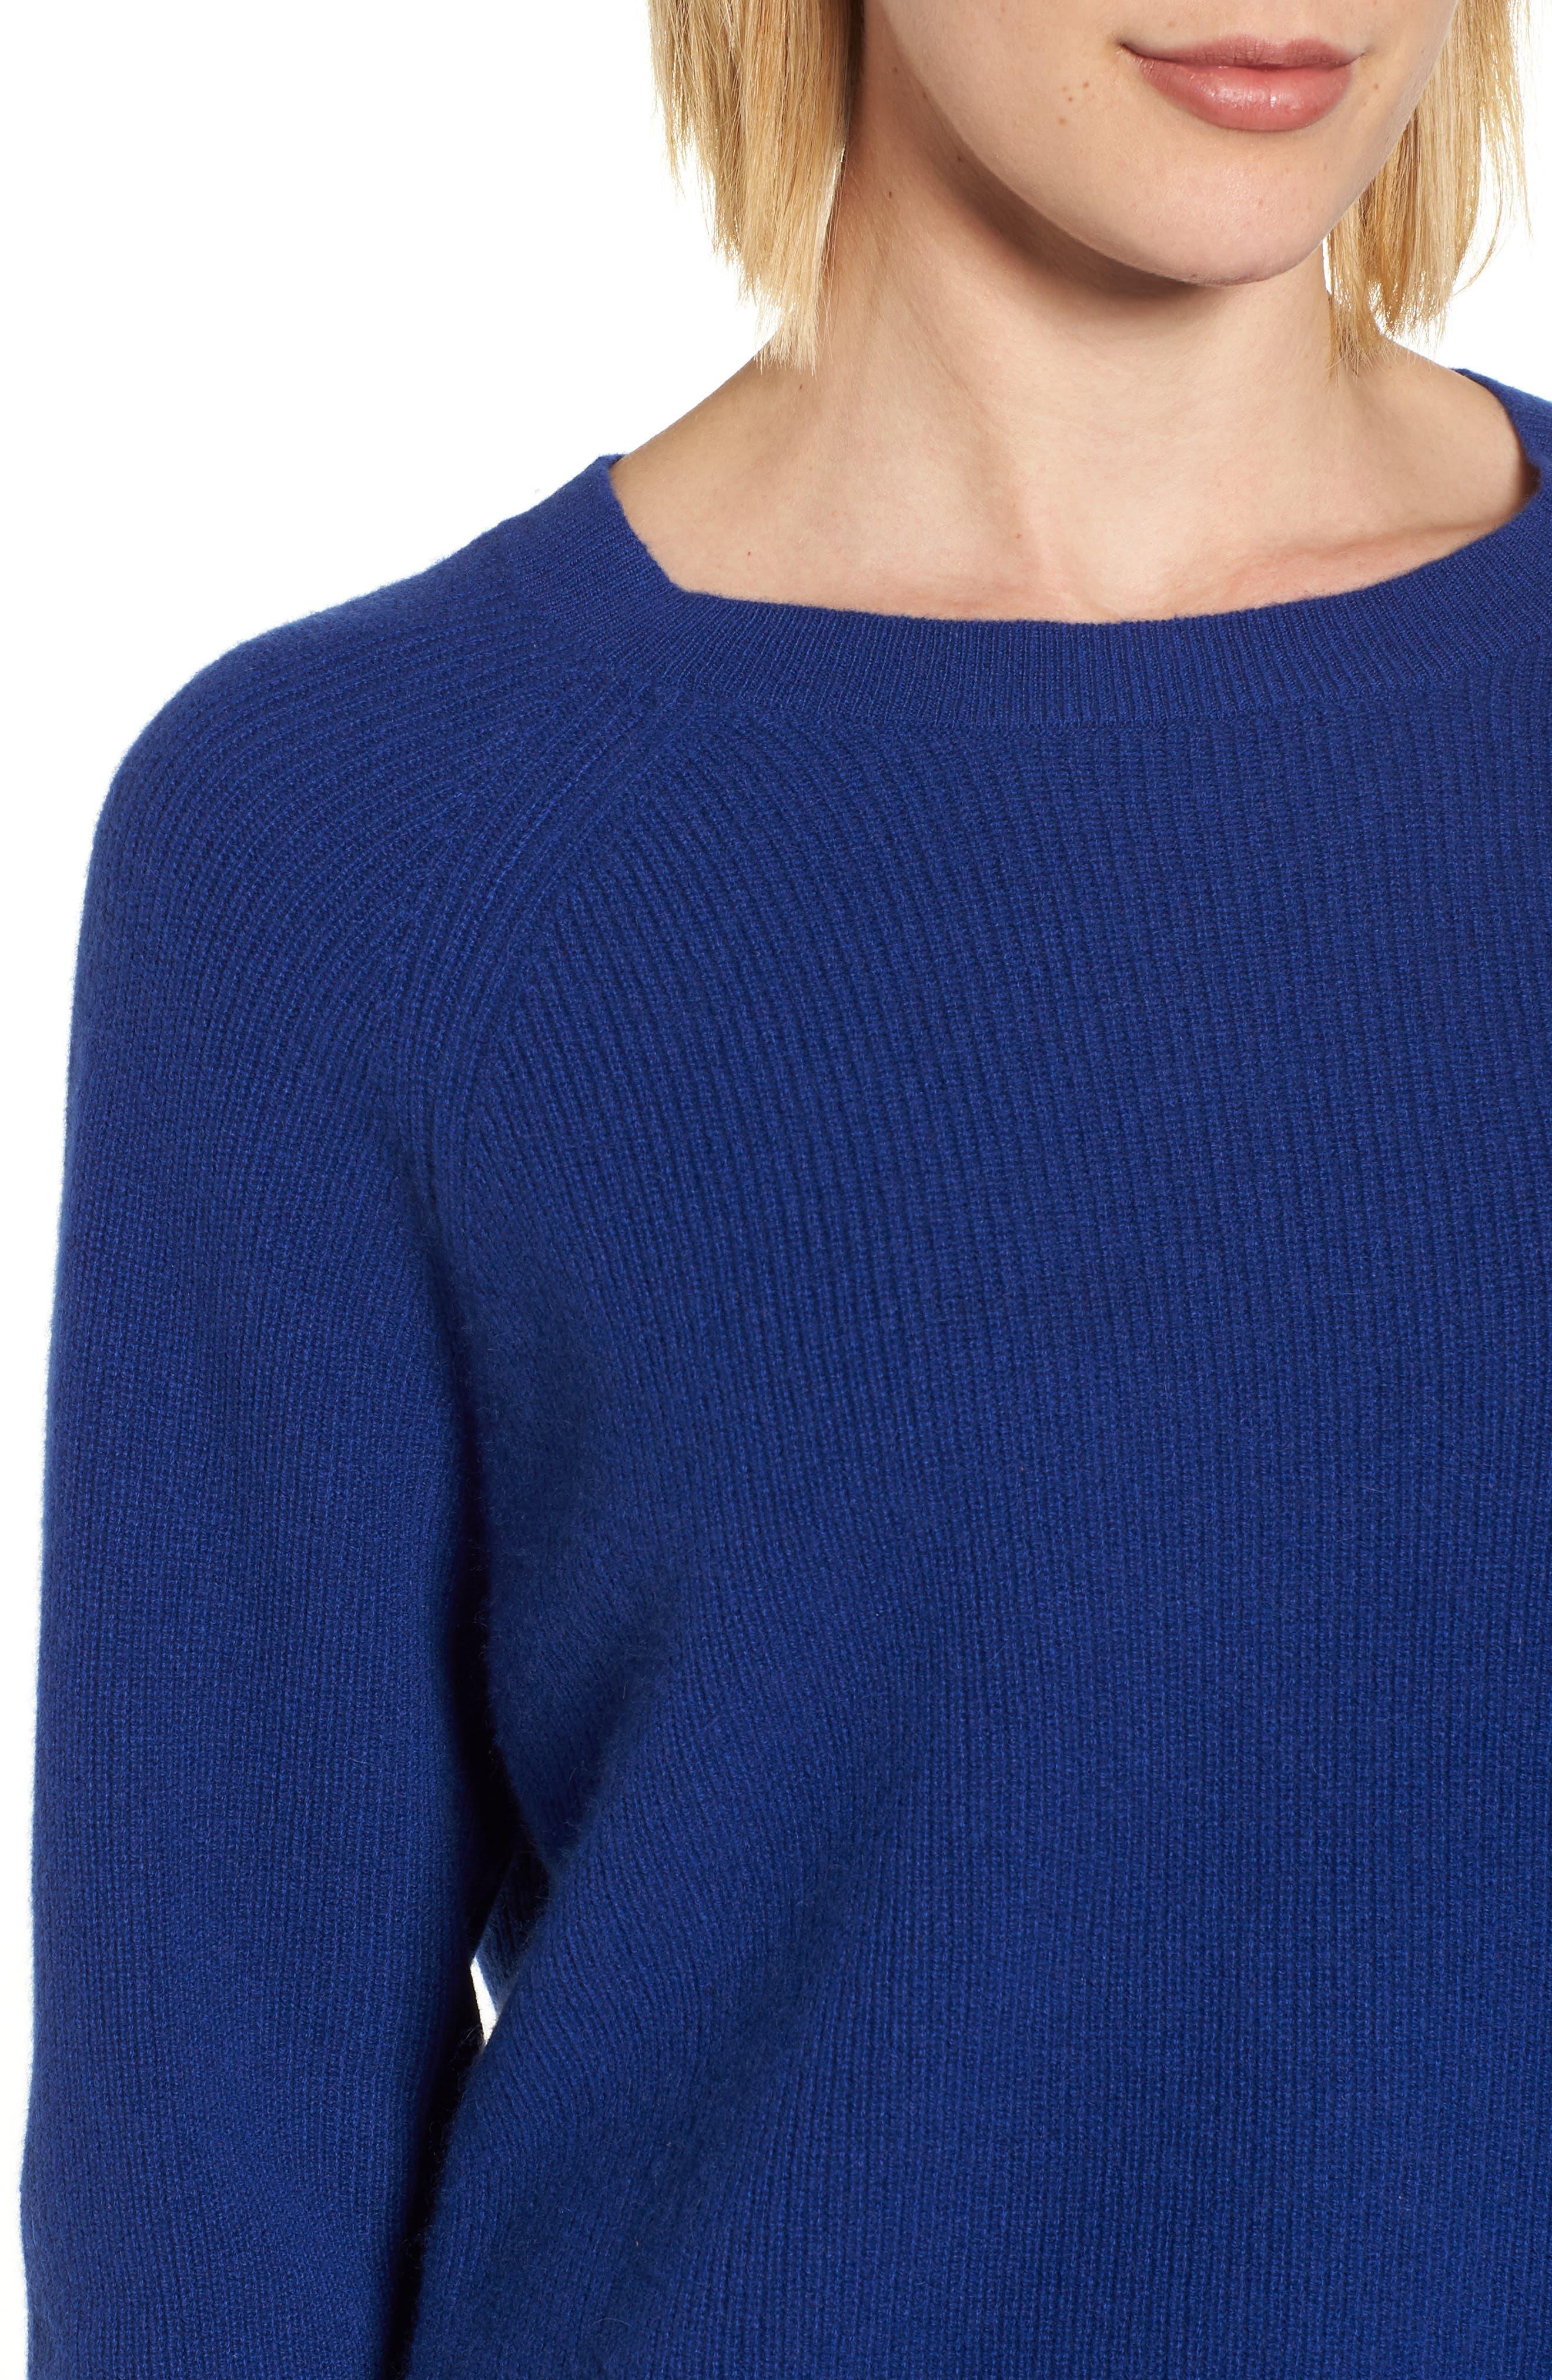 Cashmere Sweater,                             Alternate thumbnail 4, color,                             Coblt Blue